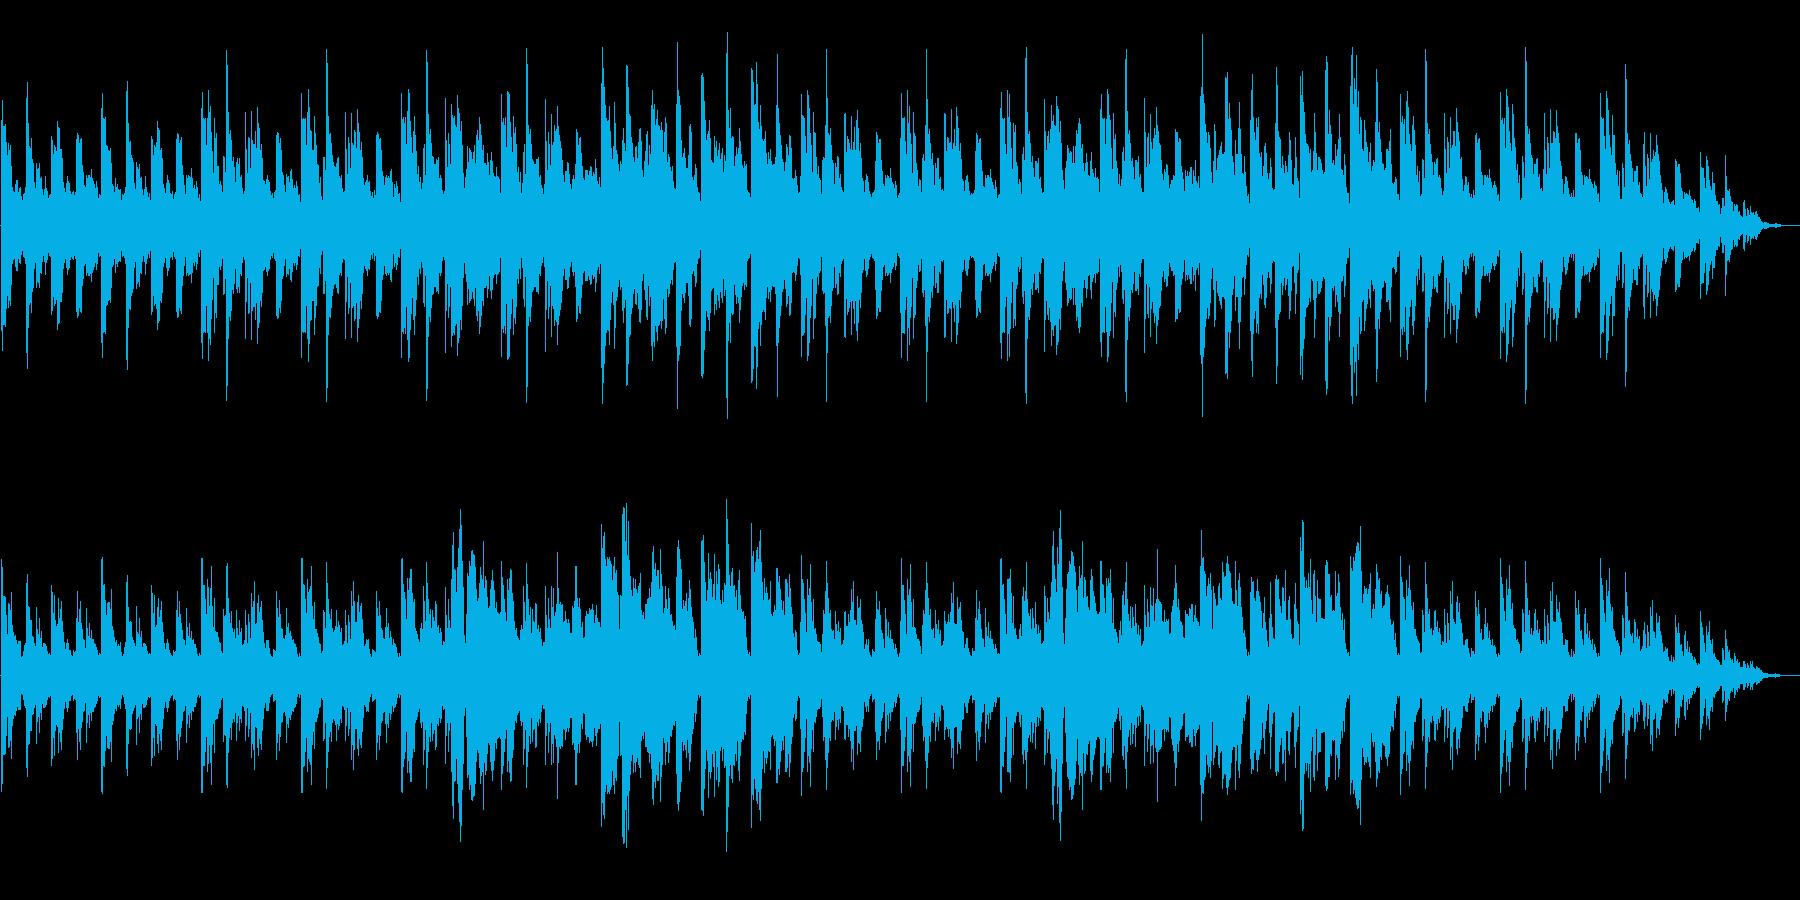 古代中国の都市 古楽器による伝統音楽風の再生済みの波形